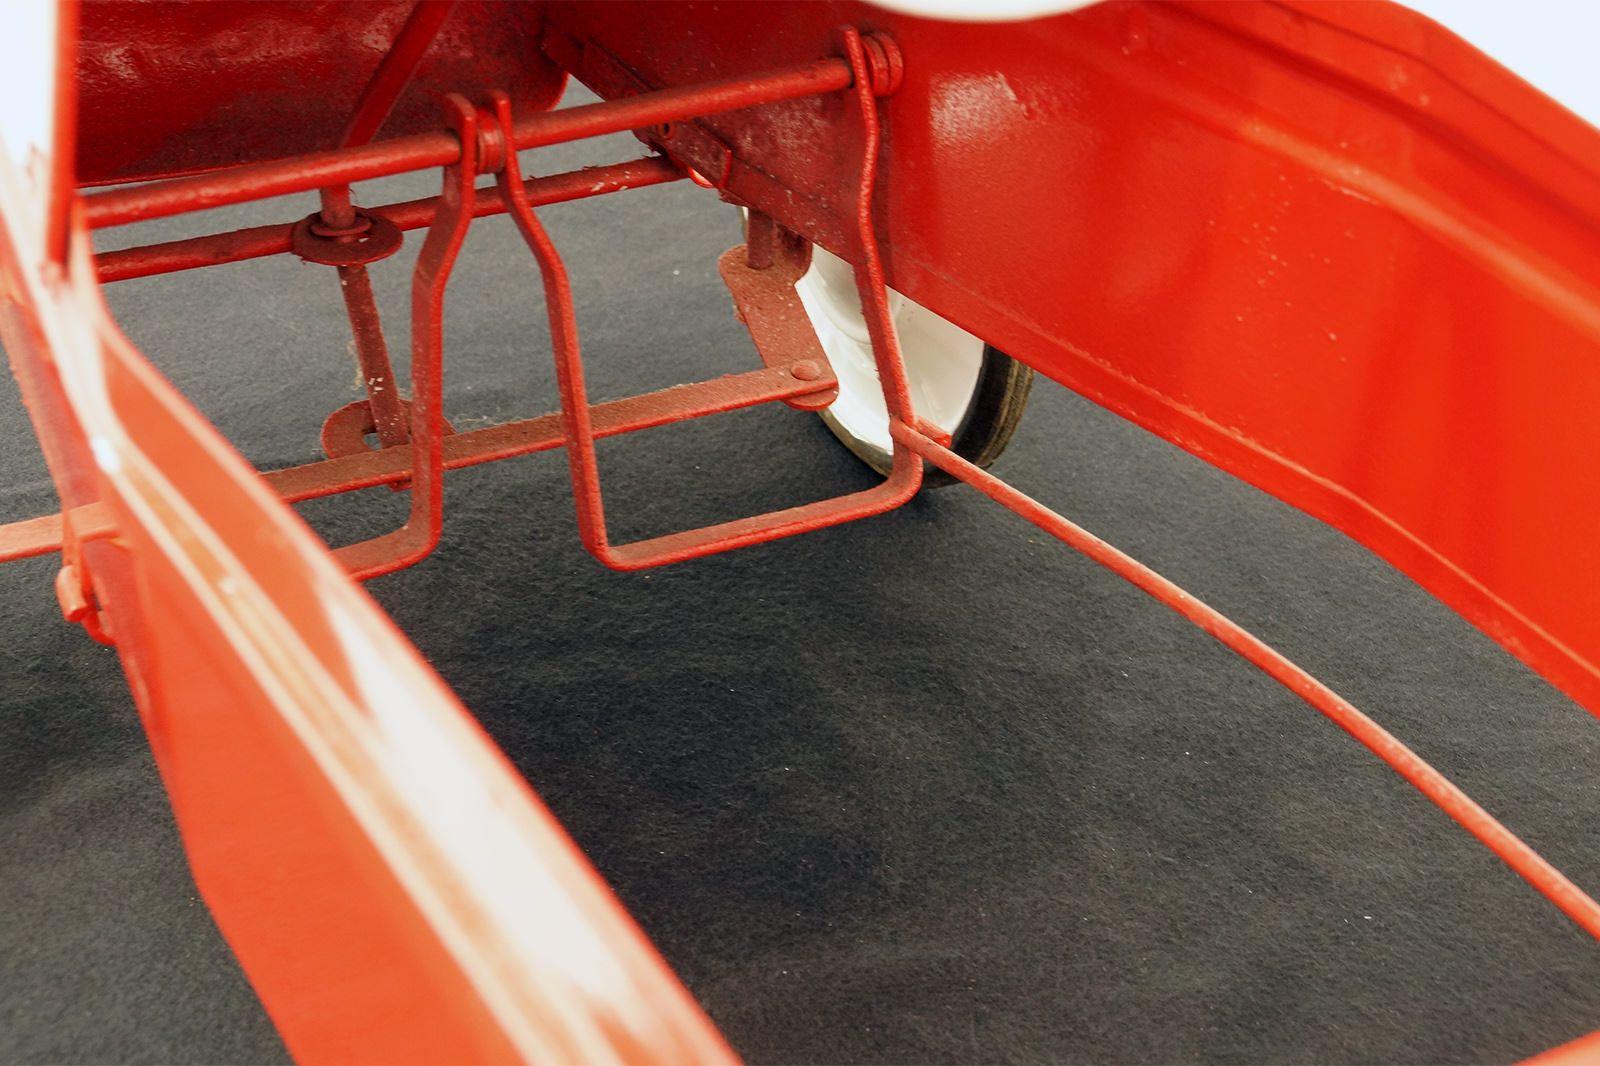 Cyclops Clipper Peddle Car - Original in Red